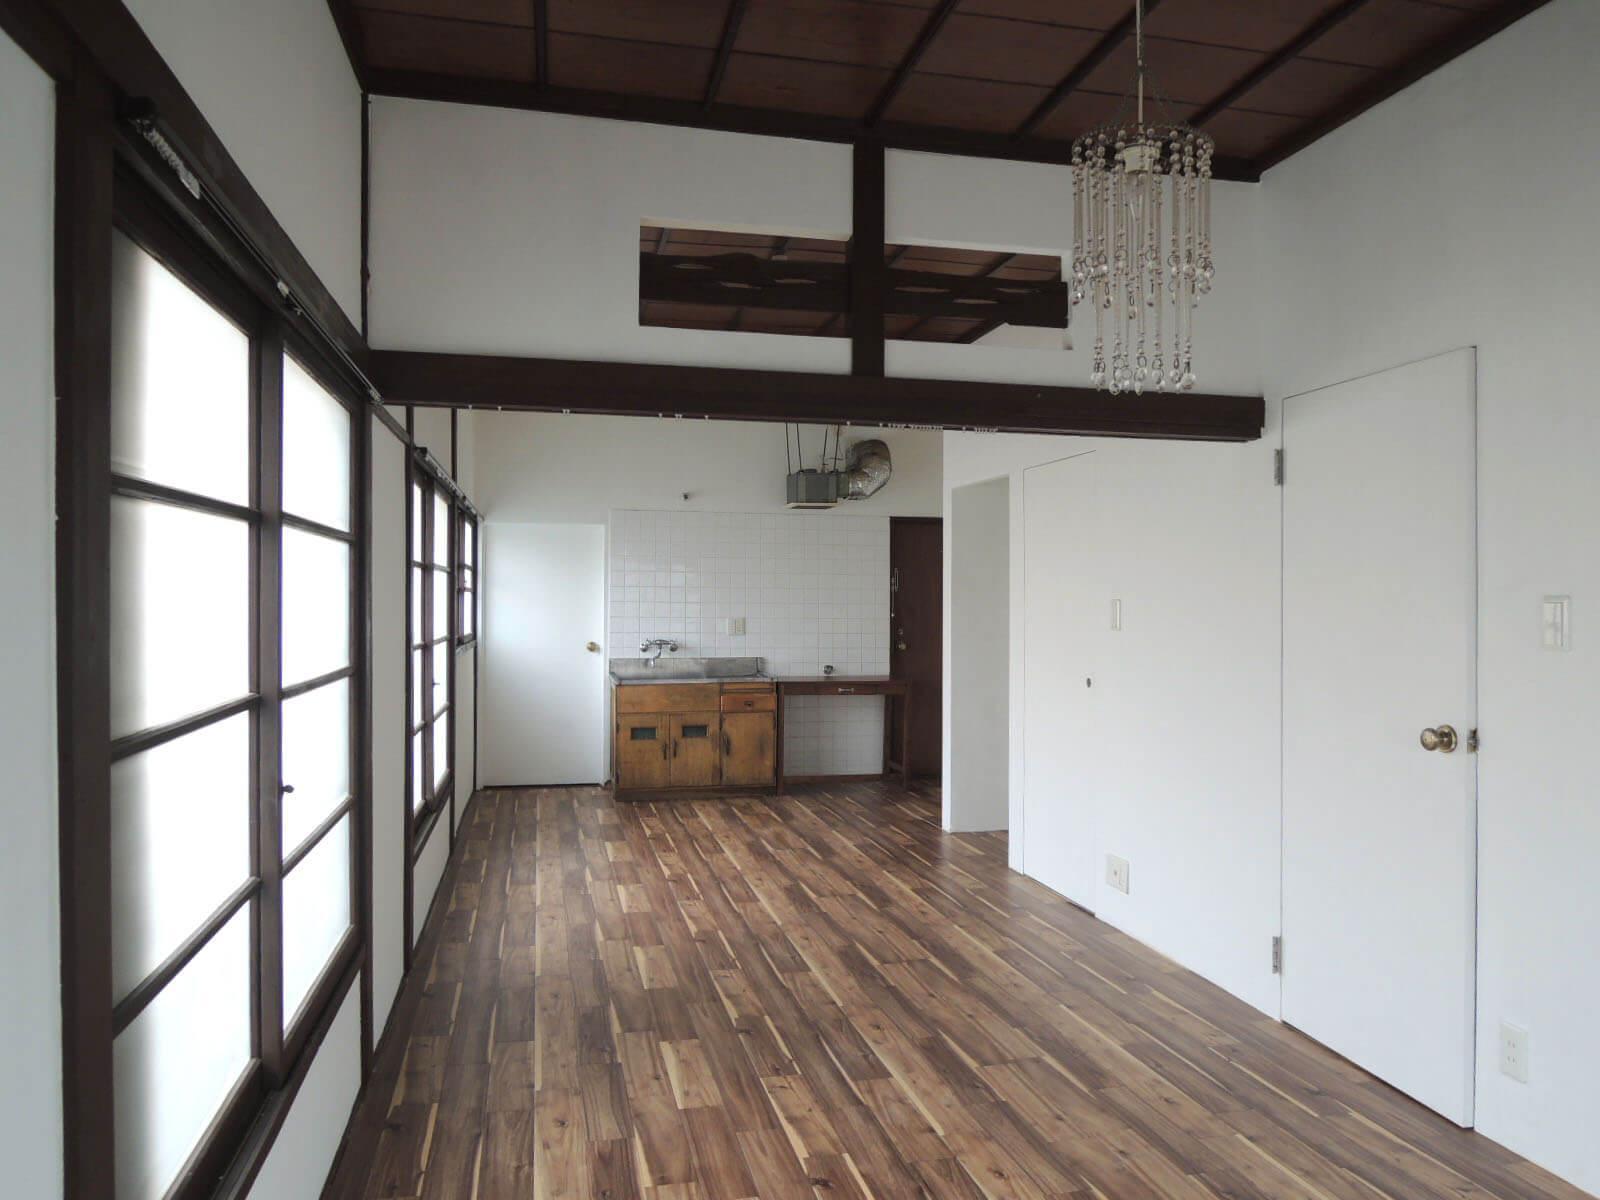 反対から、突き当りキッチンの右側が玄関